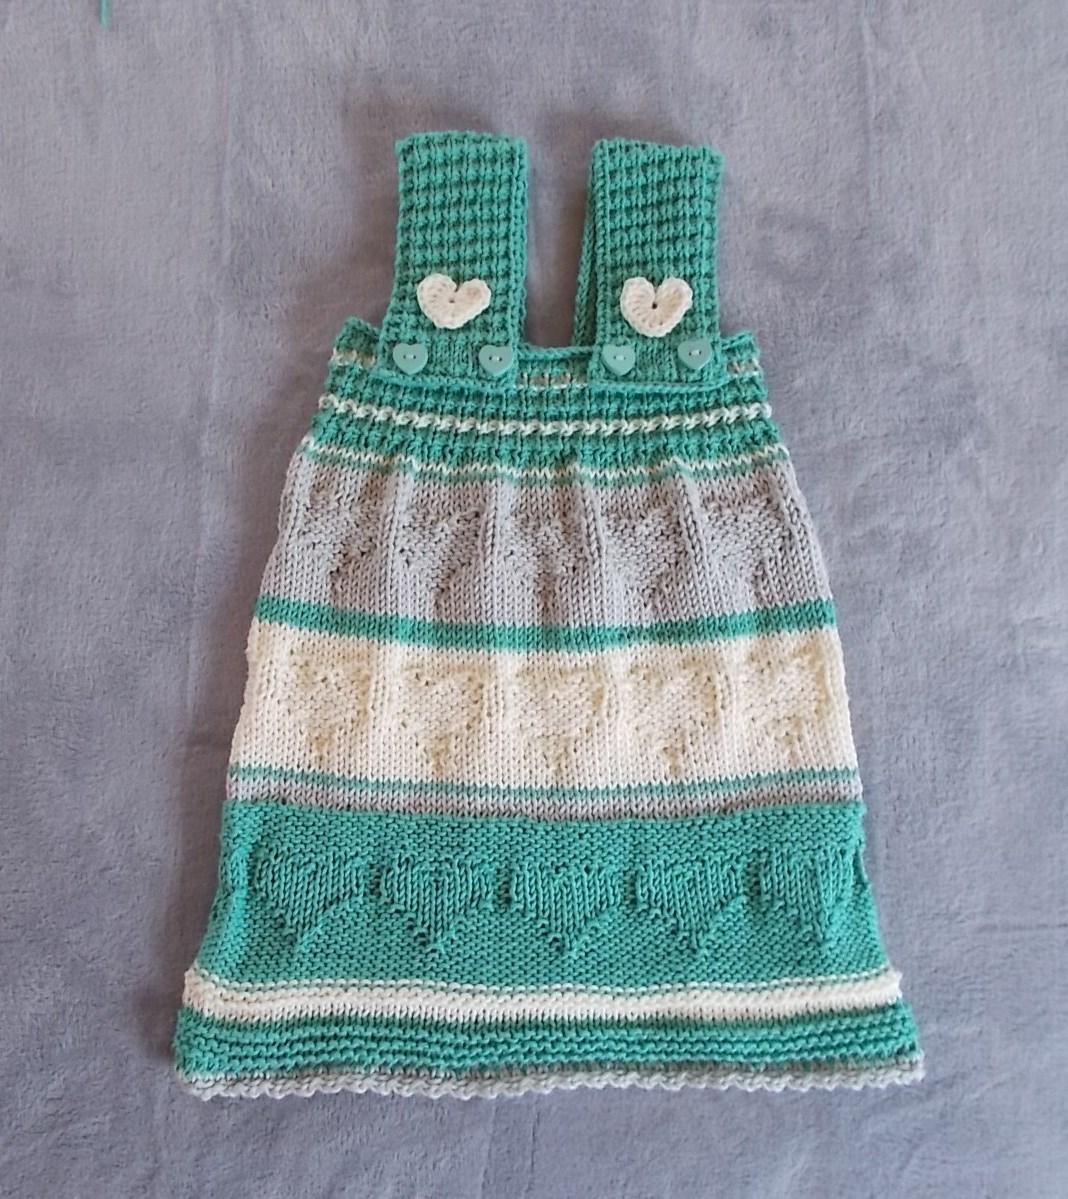 c3360b5c38ba8f Wie wäre es, wenn du am Wochenende beginnst, dieses süße Trägerkleidchen  mit Herzmuster für deine Tochter oder Enkelin zu stricken?